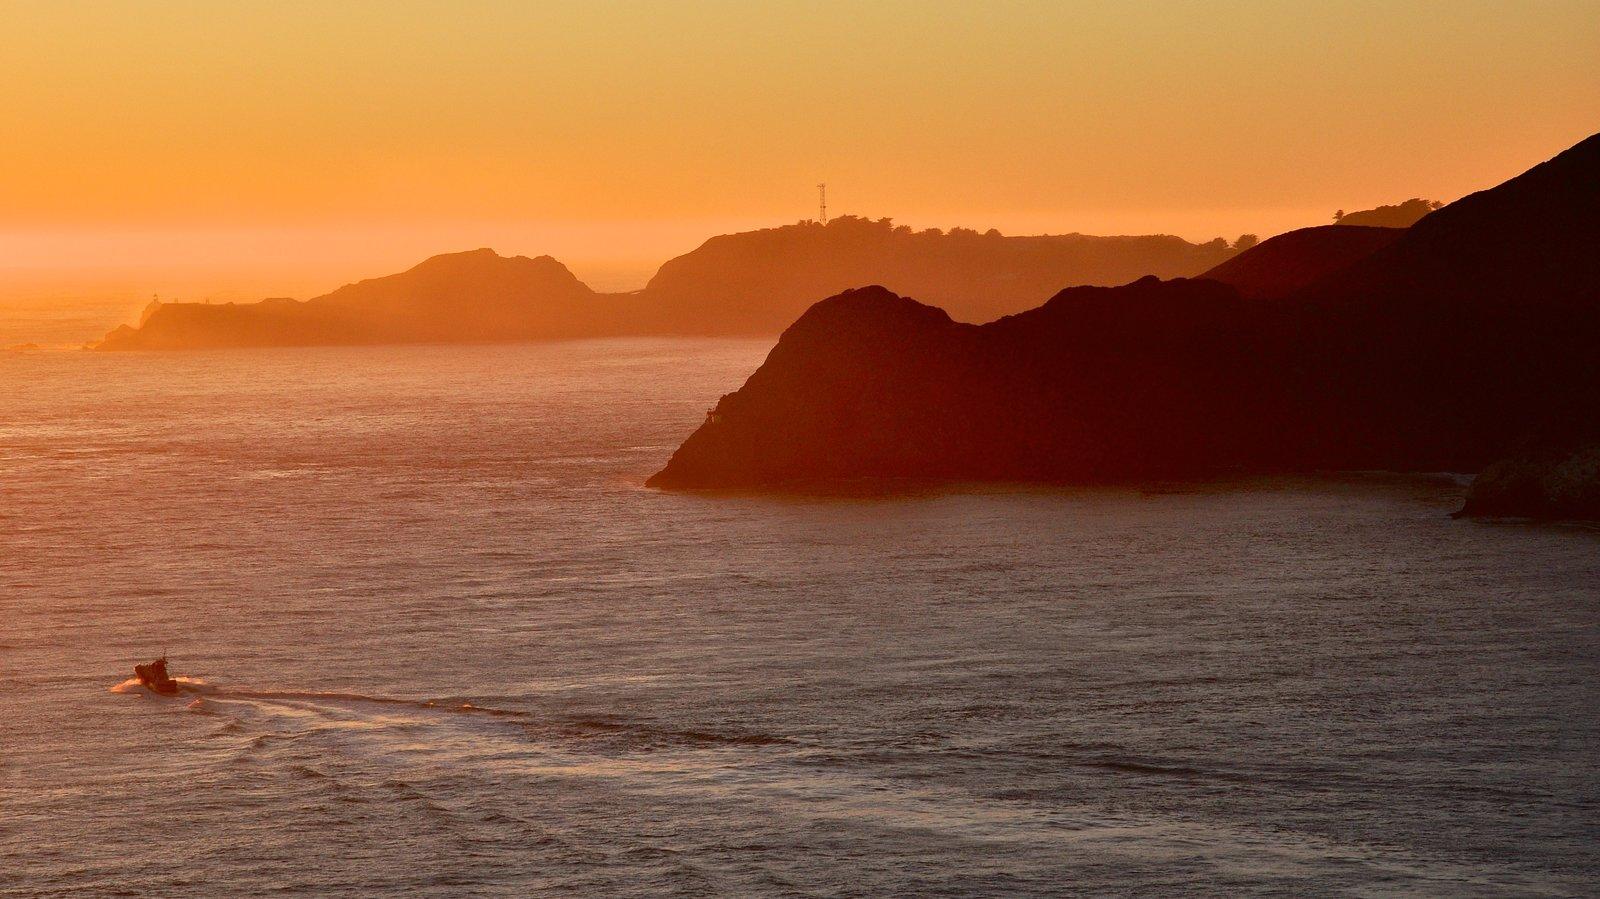 Golden Gate Bridge mostrando um rio ou córrego, um pôr do sol e canoagem